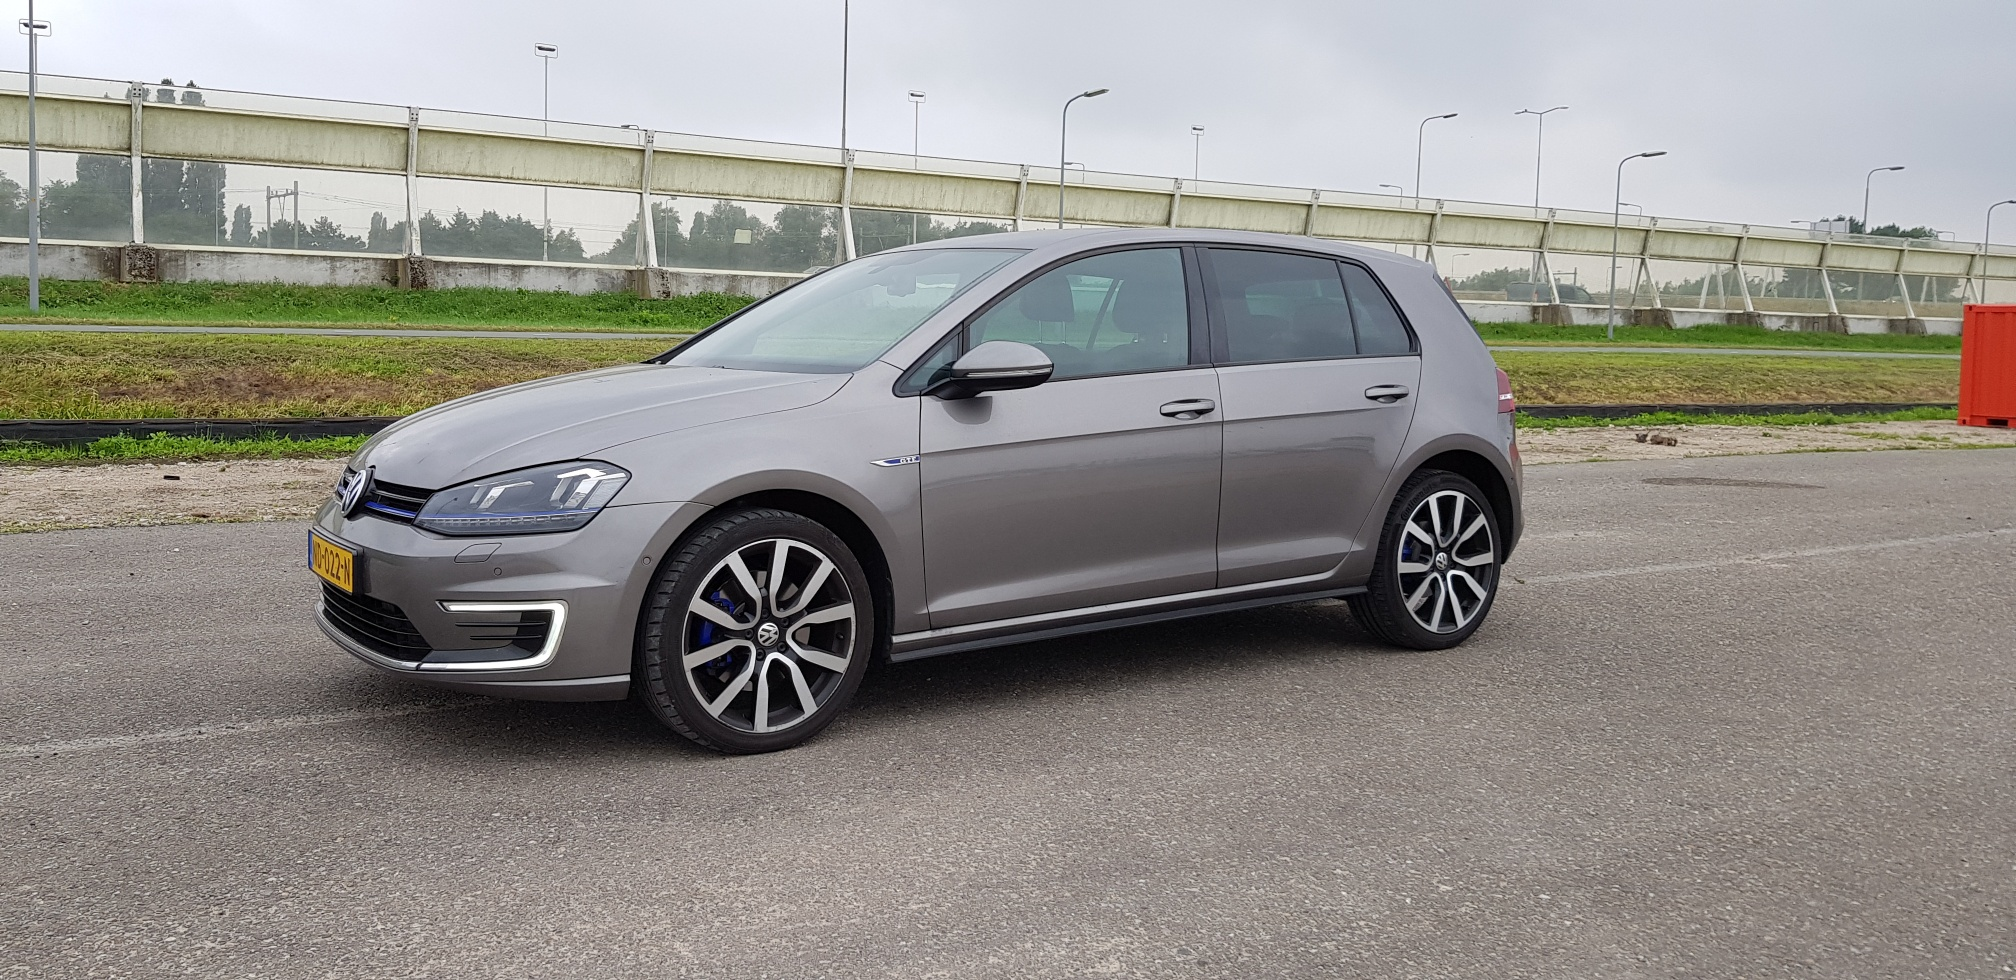 Volkswagen Golf Gte Dsg Lease2go Voor Zakelijke En Particuliere